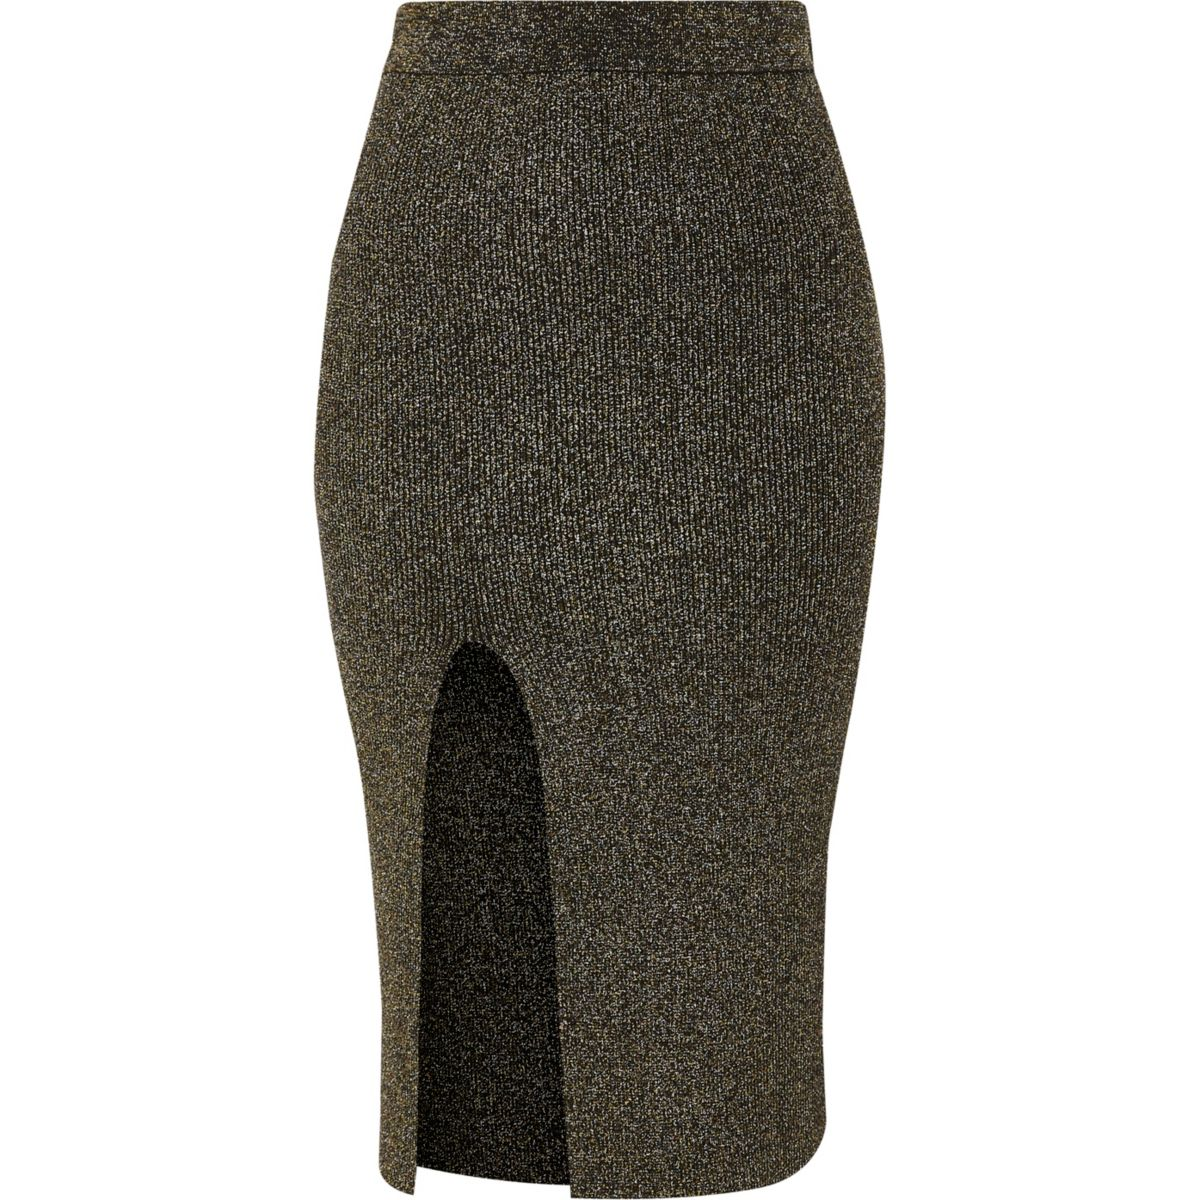 Jupe mi-longue ajustée en lurex surpiqué noir et or